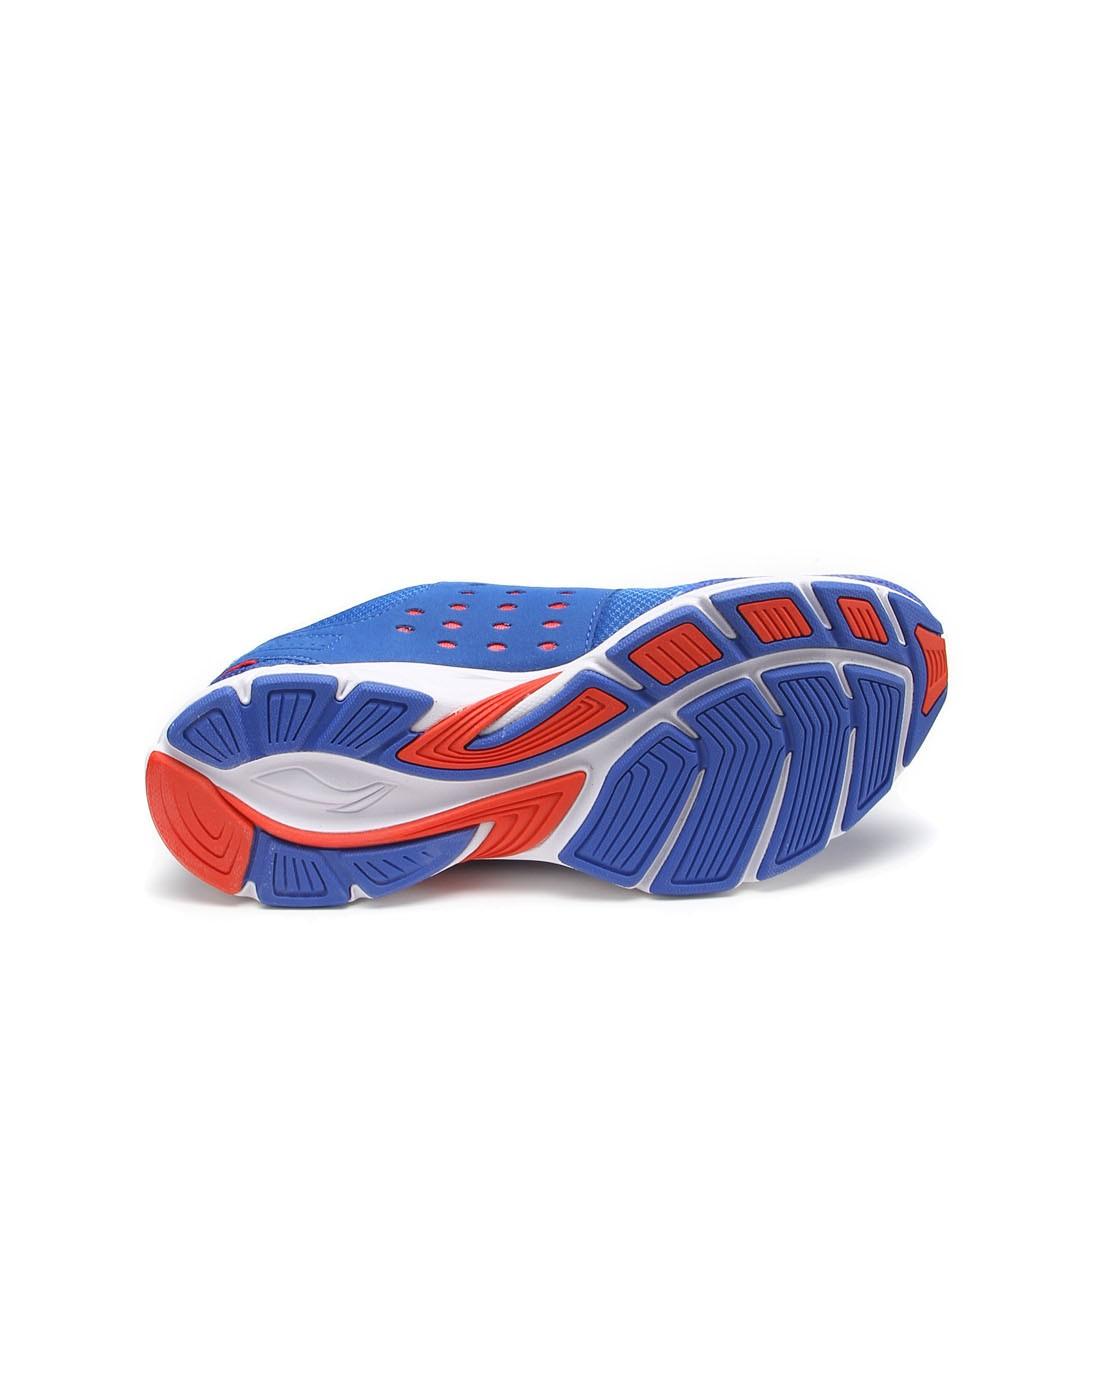 晶蓝配红色运动跑鞋